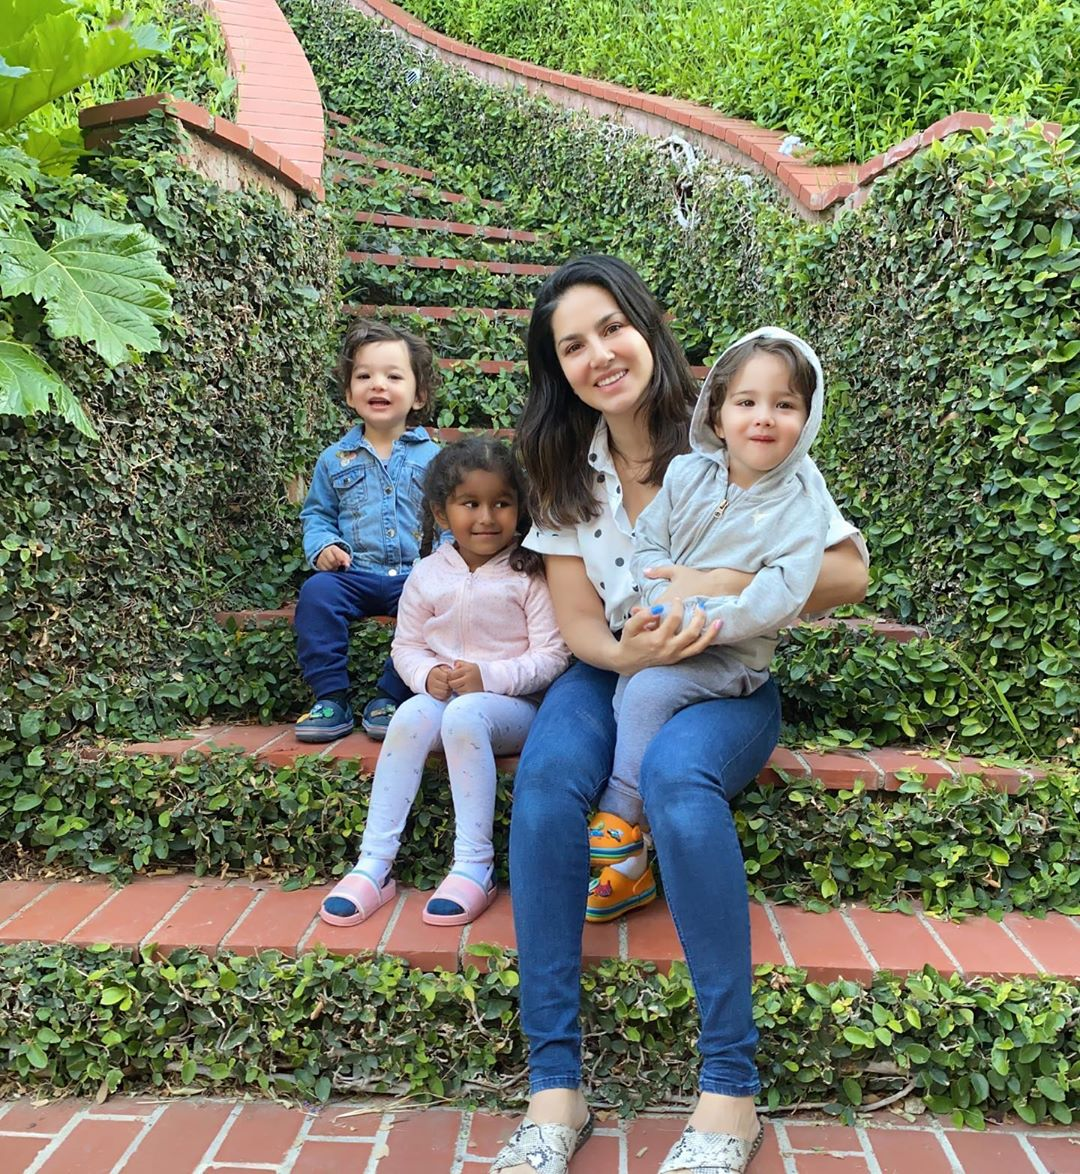 सनी लियोनी अपने तीनों बच्चों को लेकर पहोची अमेरिका, बोलीं यहां मेरे बच्चे सेफ हैं